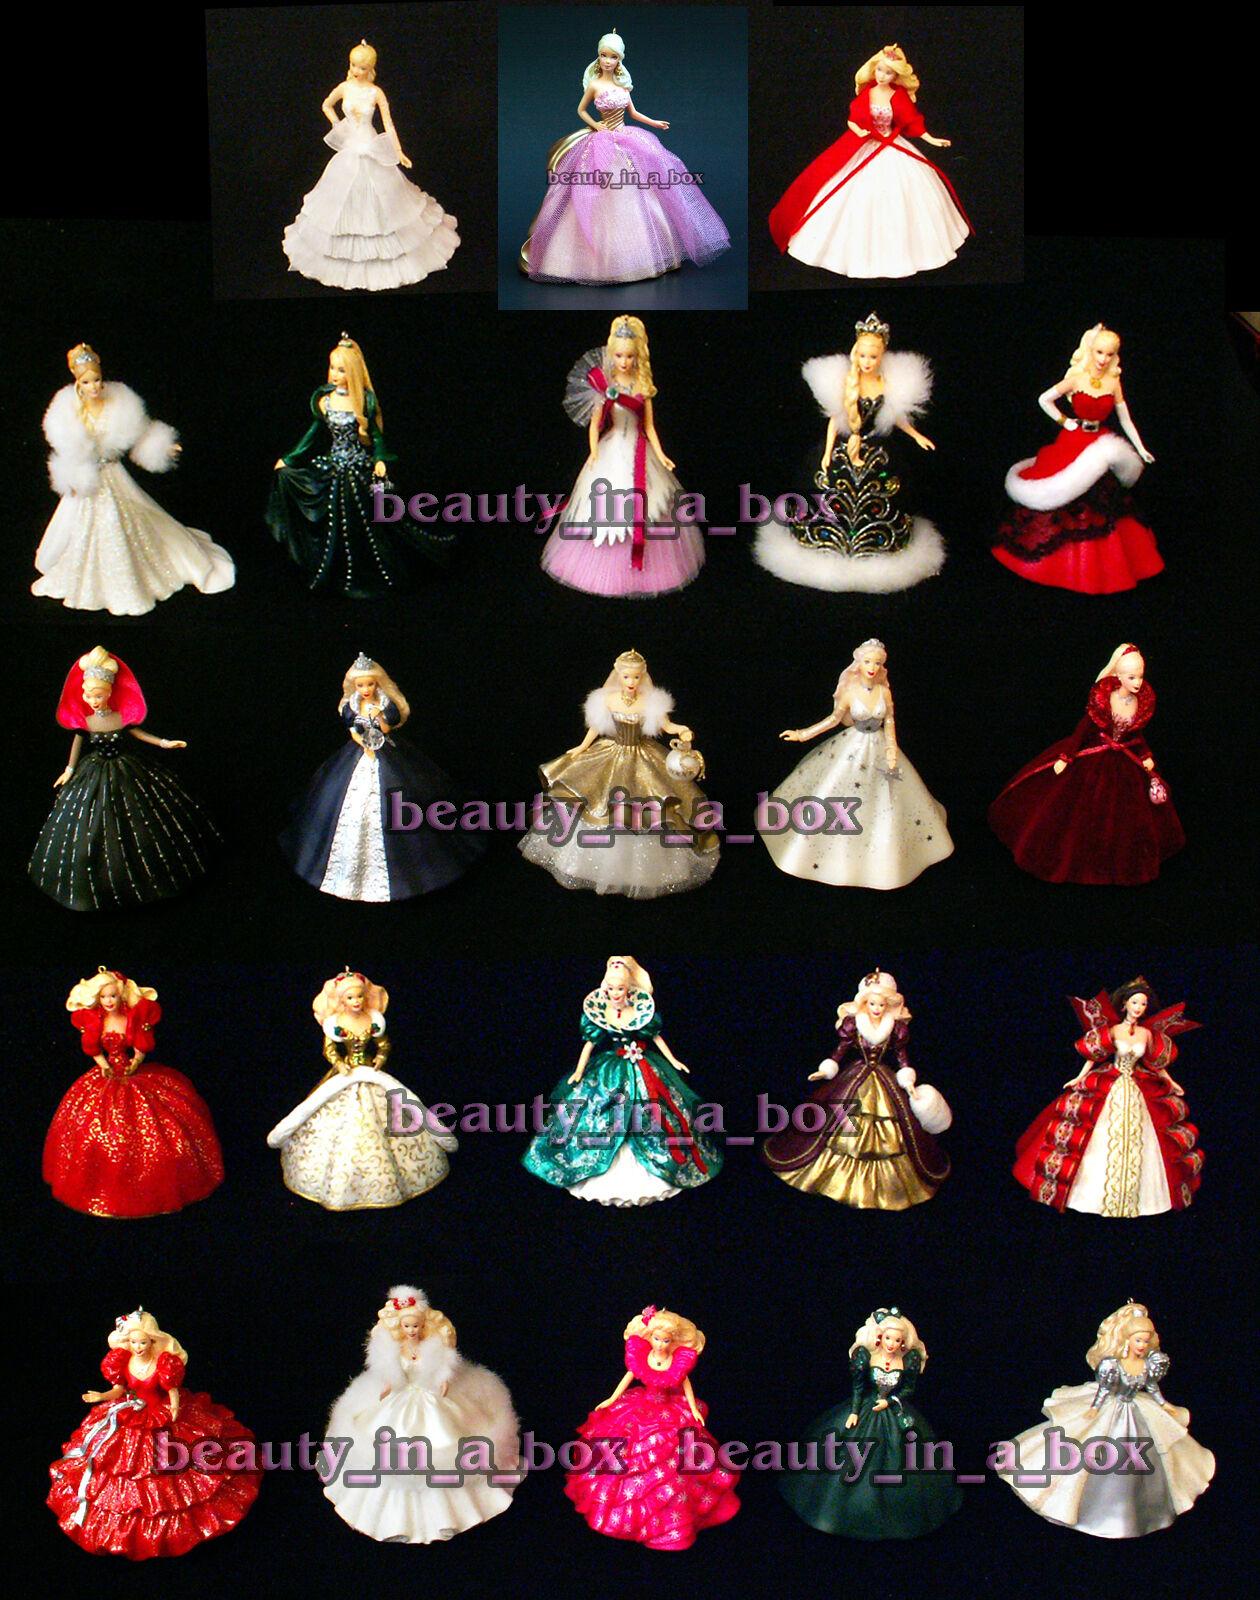 Celebración de Barbie Muñeca Ornamento de Vacaciones Hallmark 1988 - 2010  2009 2006 1992